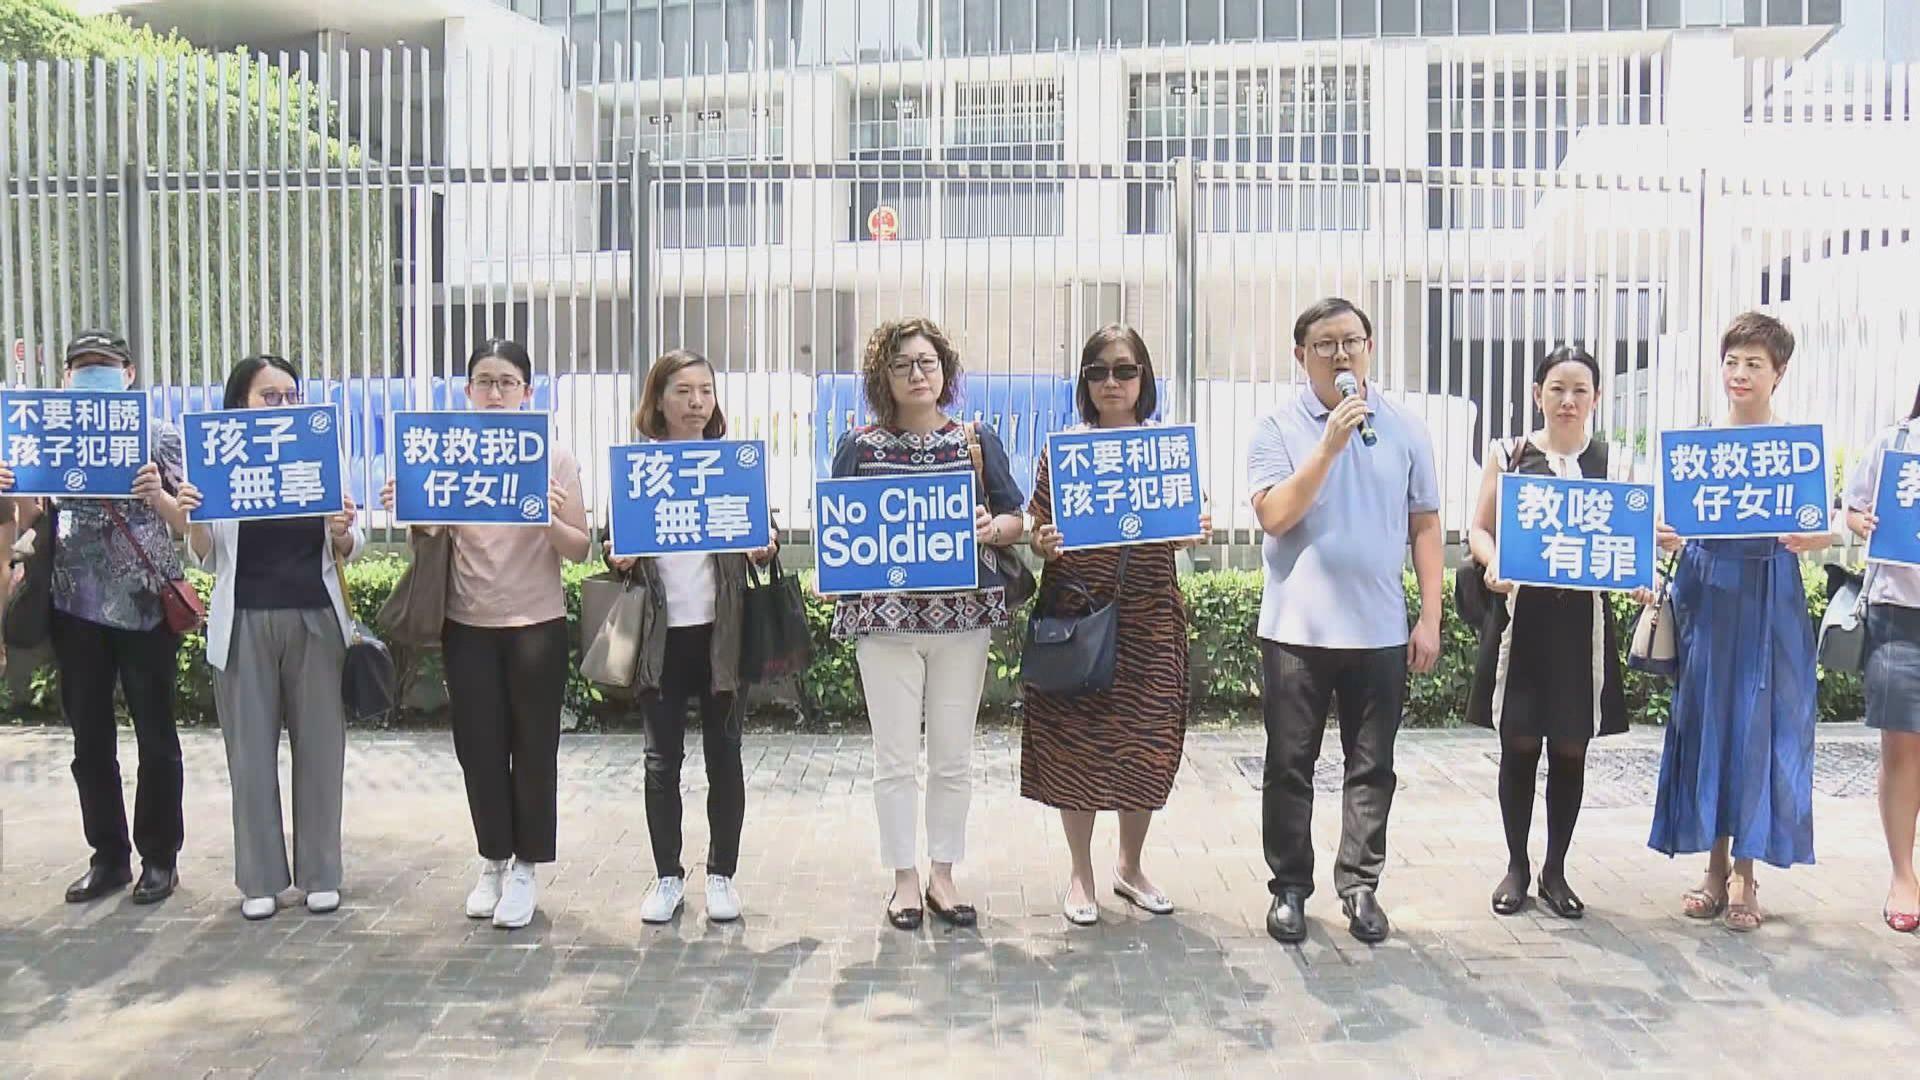 團體促教育局勸止學生參與違法示威